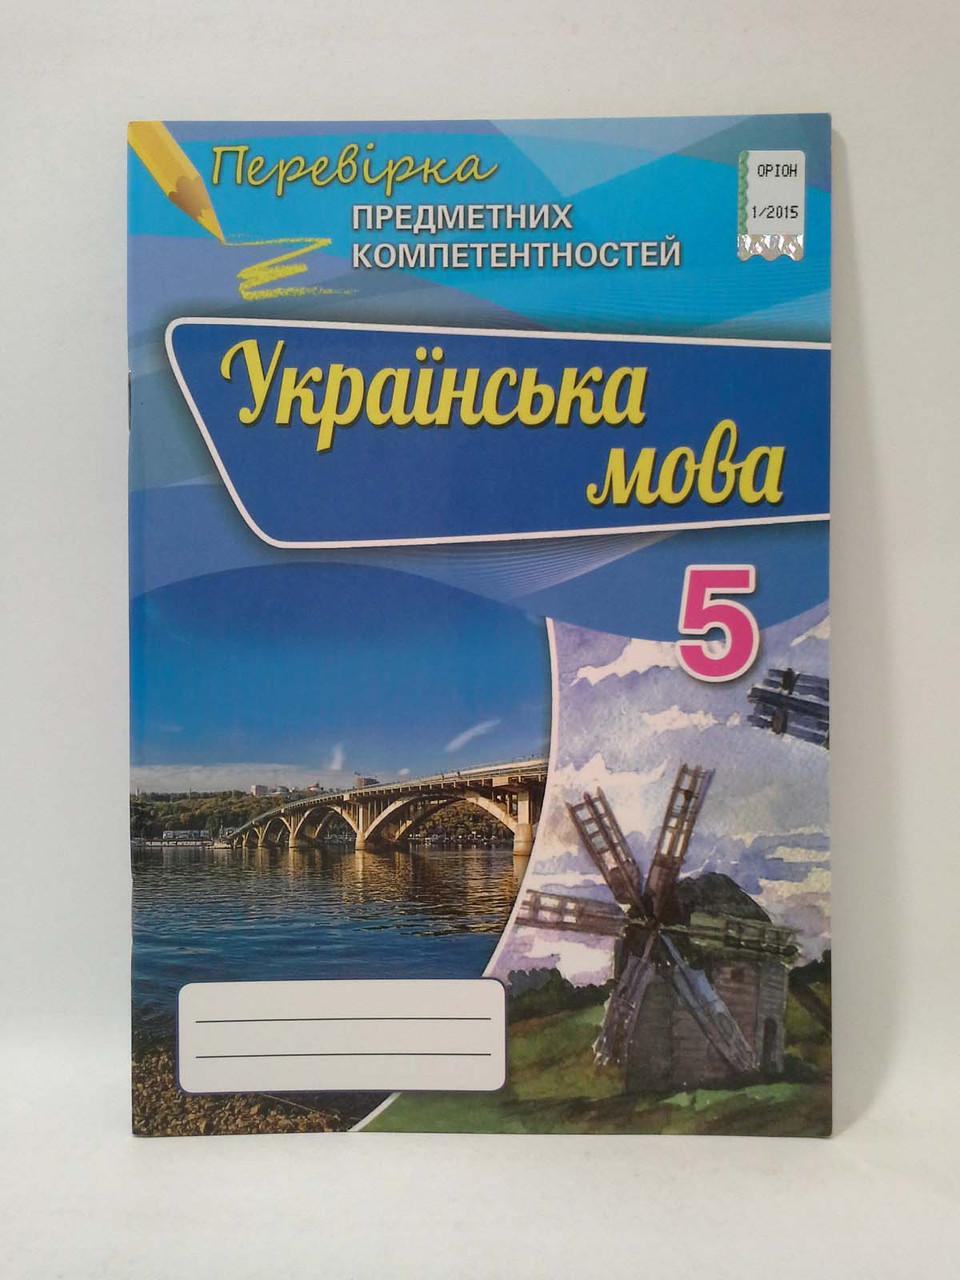 Оріон Українська мова 5 клас Перевірка предметних компетентностей Авраменко